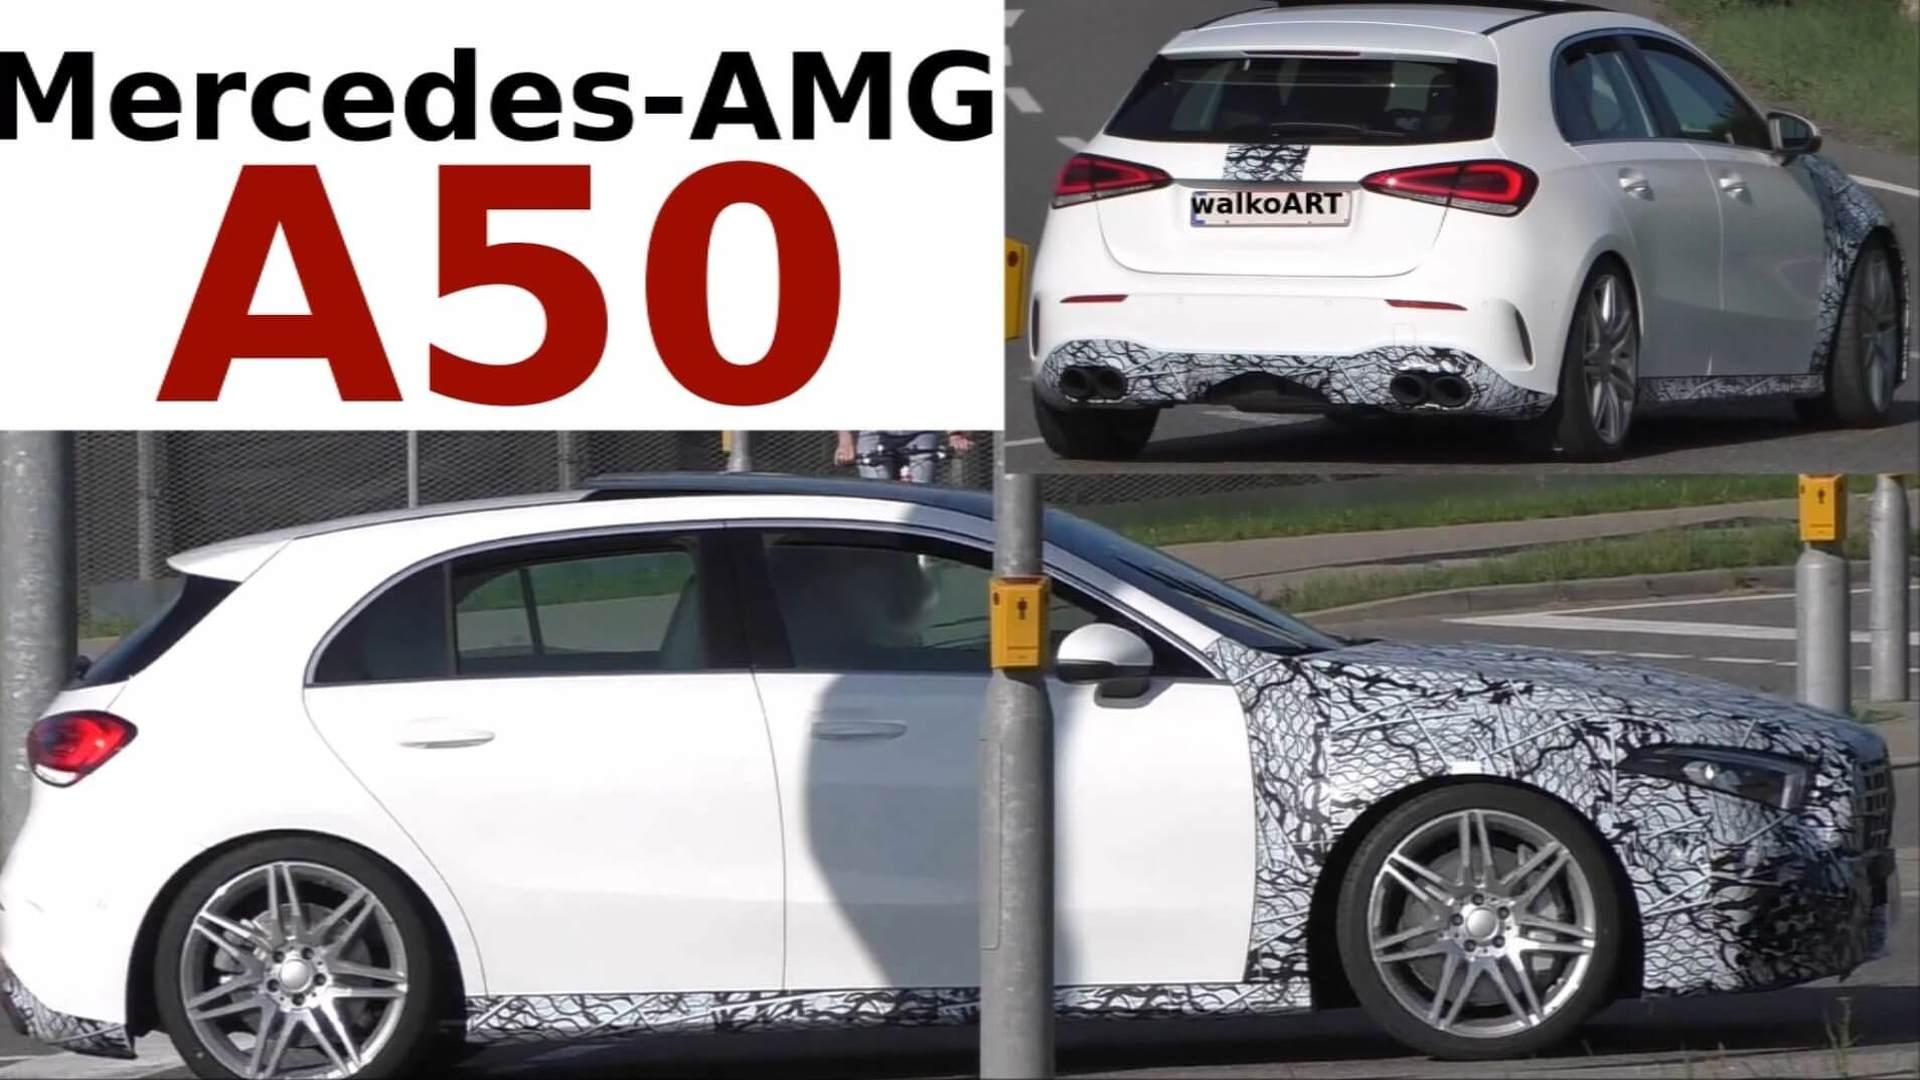 比A45更强 全新AMG A45将更名AMG A50